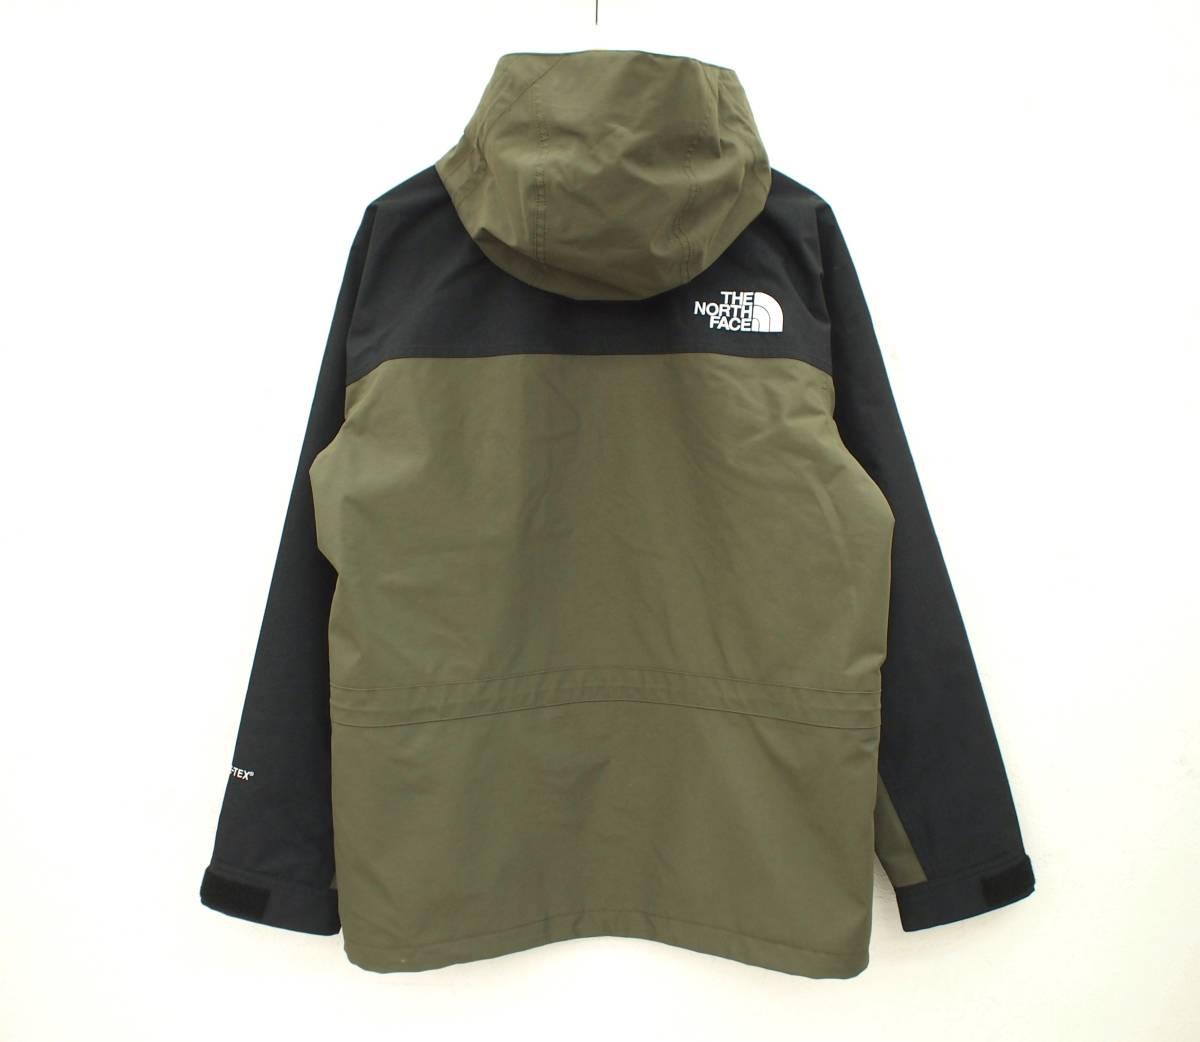 18SS THE NORTH FACE ノース Mountain Light Jacket マウンテンライトジャケット GORE-TEX ゴアテックス GL グレープリーフ カーキ NP11834_画像2